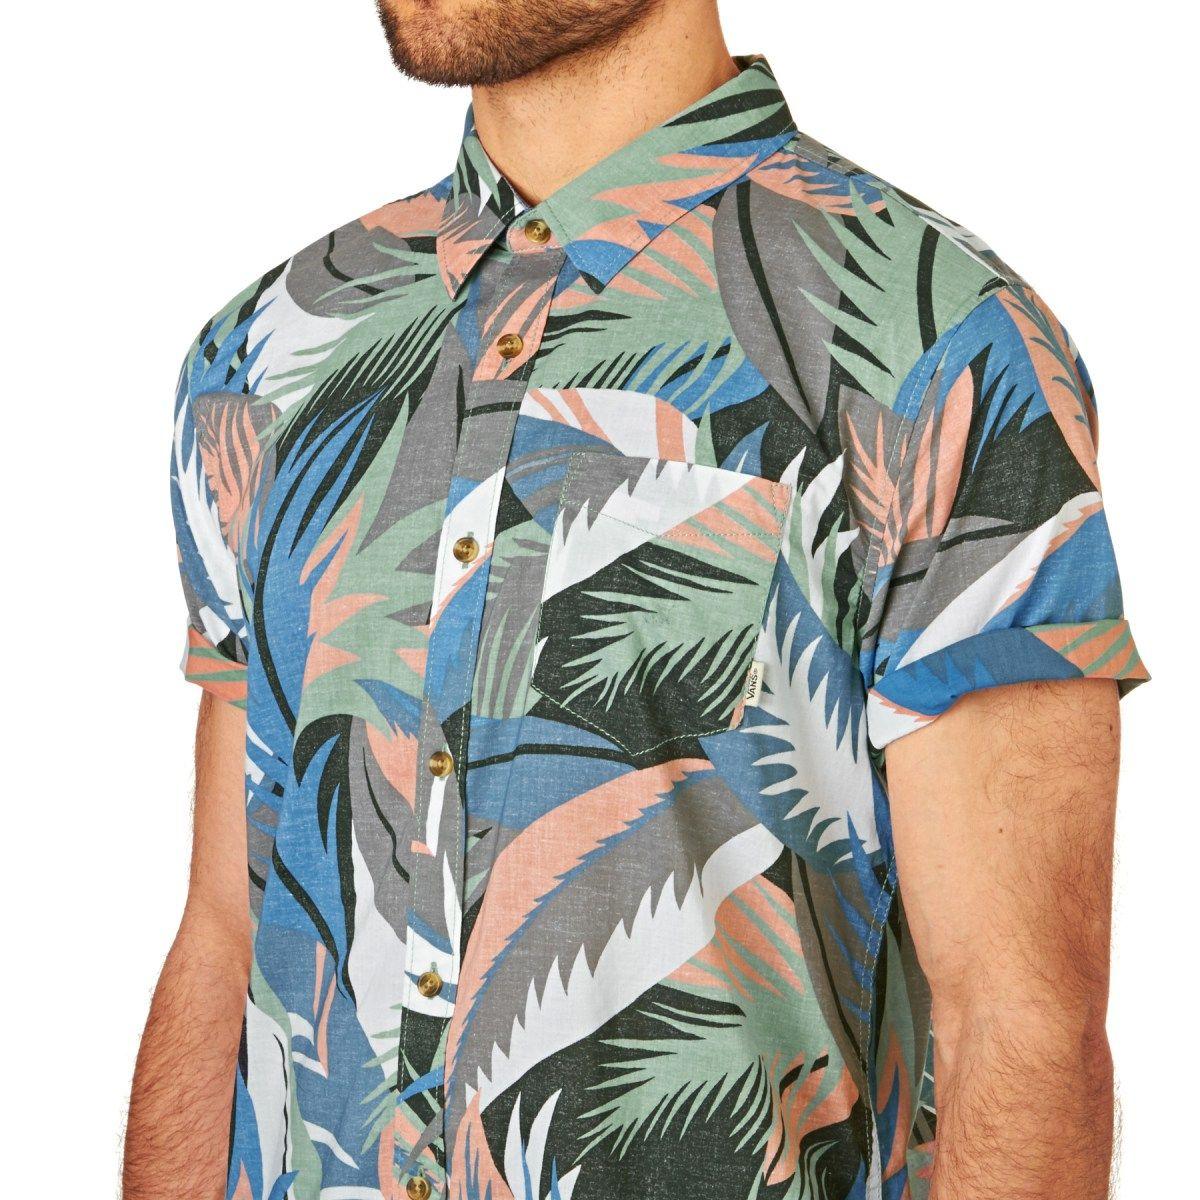 2689c3f651 Men s Vans Shirts - Vans Cosgrove Ii Short Sleeve Shirt - Canton Stanton  Floral